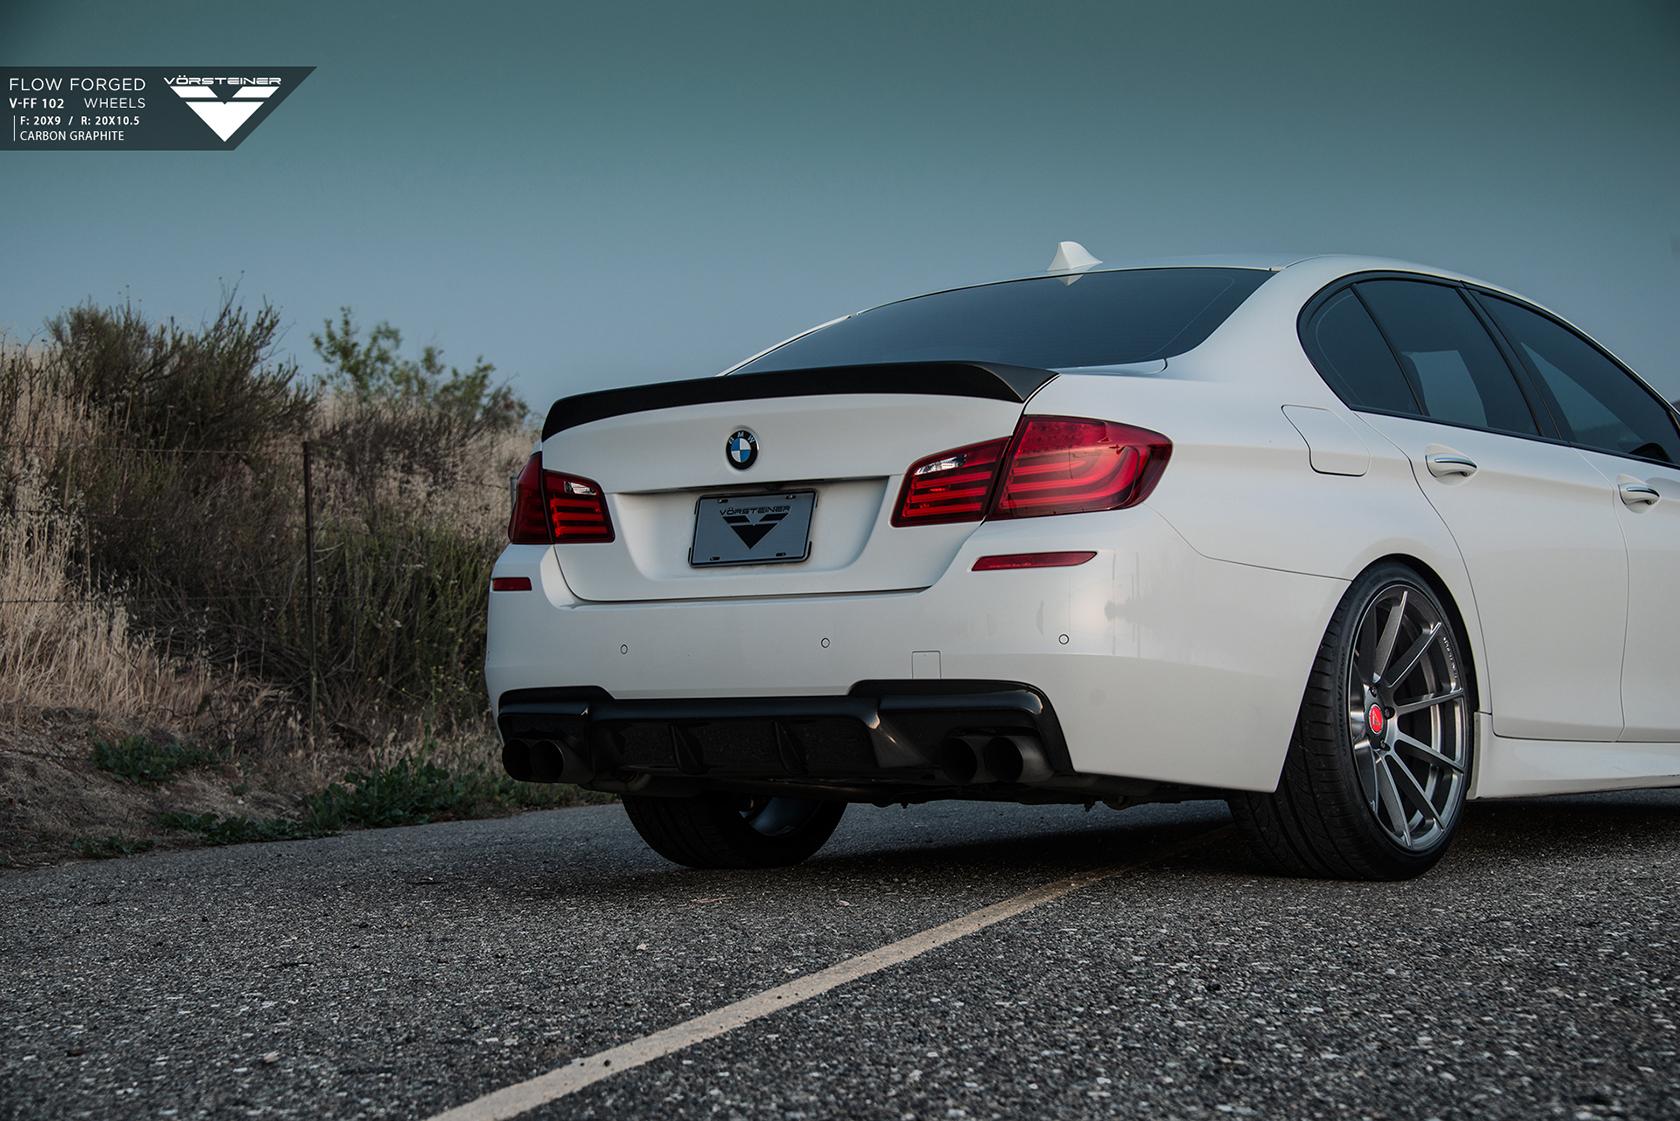 Alpine White BMW F10 M5 With Vorsteiner Aero And Wheles Installed 6